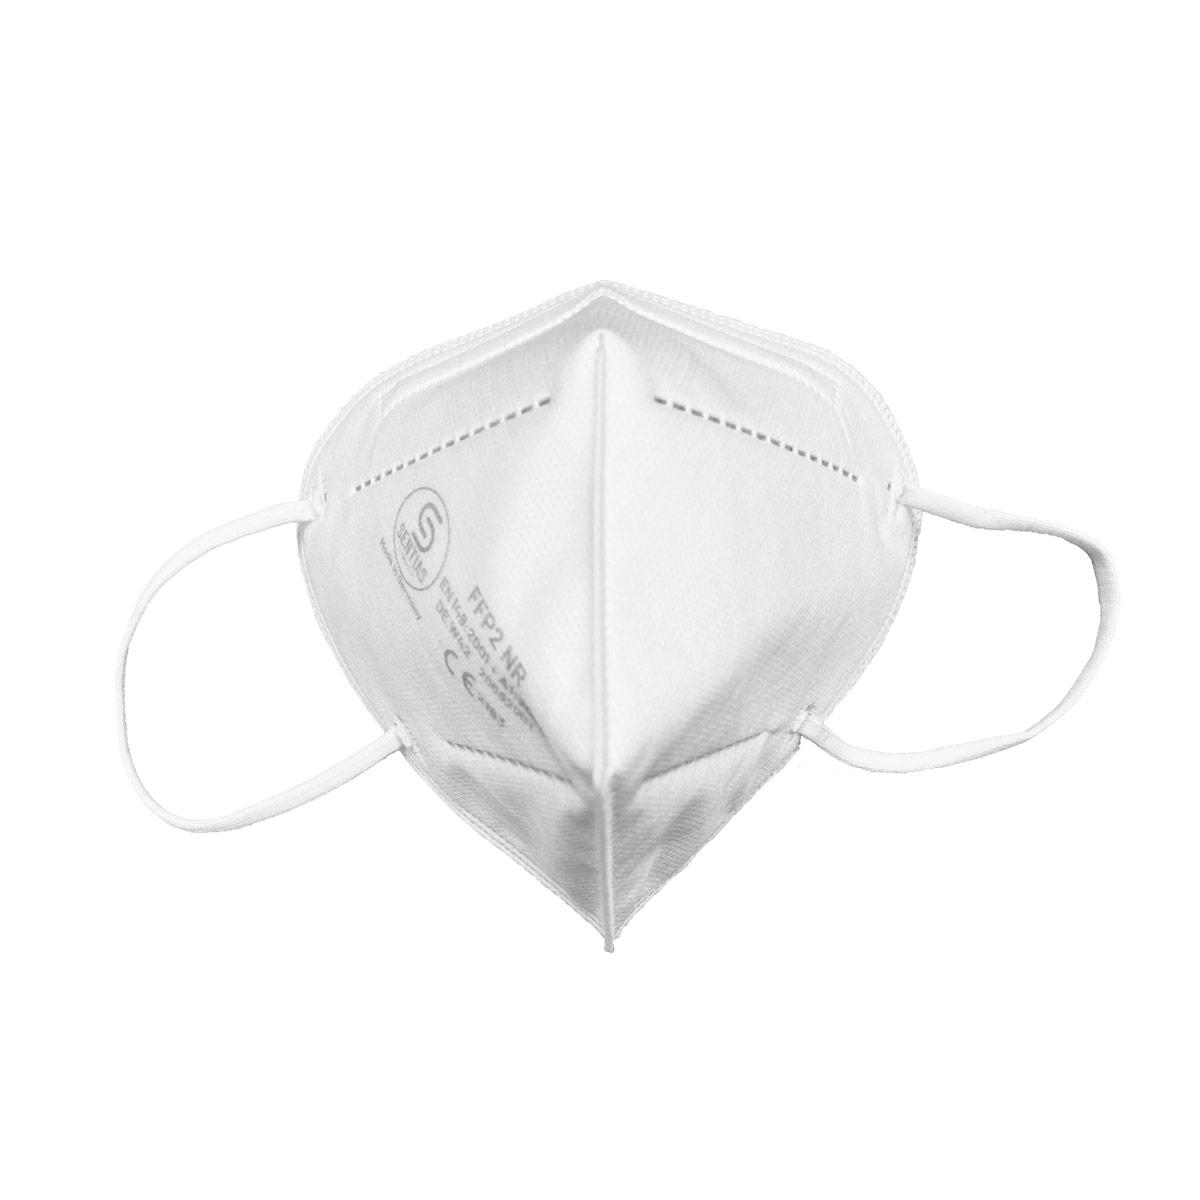 FFP2 Faltmaske Made in Germany | Masken & Schutzmasken ...